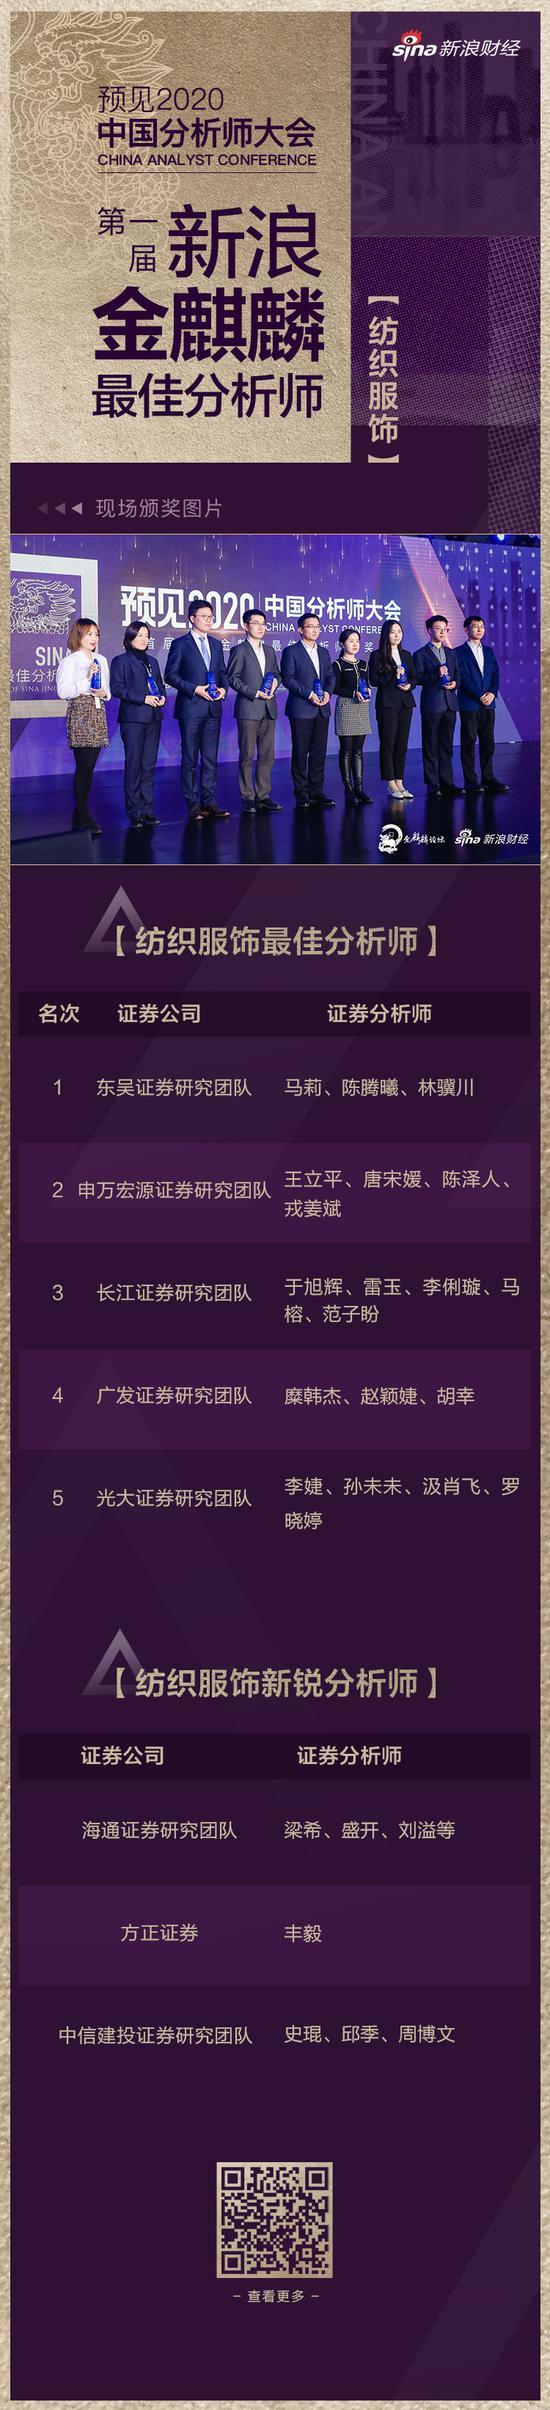 永利皇宫娱乐场怎么样 通俄门调查问题清单被媒体泄露 特朗普:真丢脸